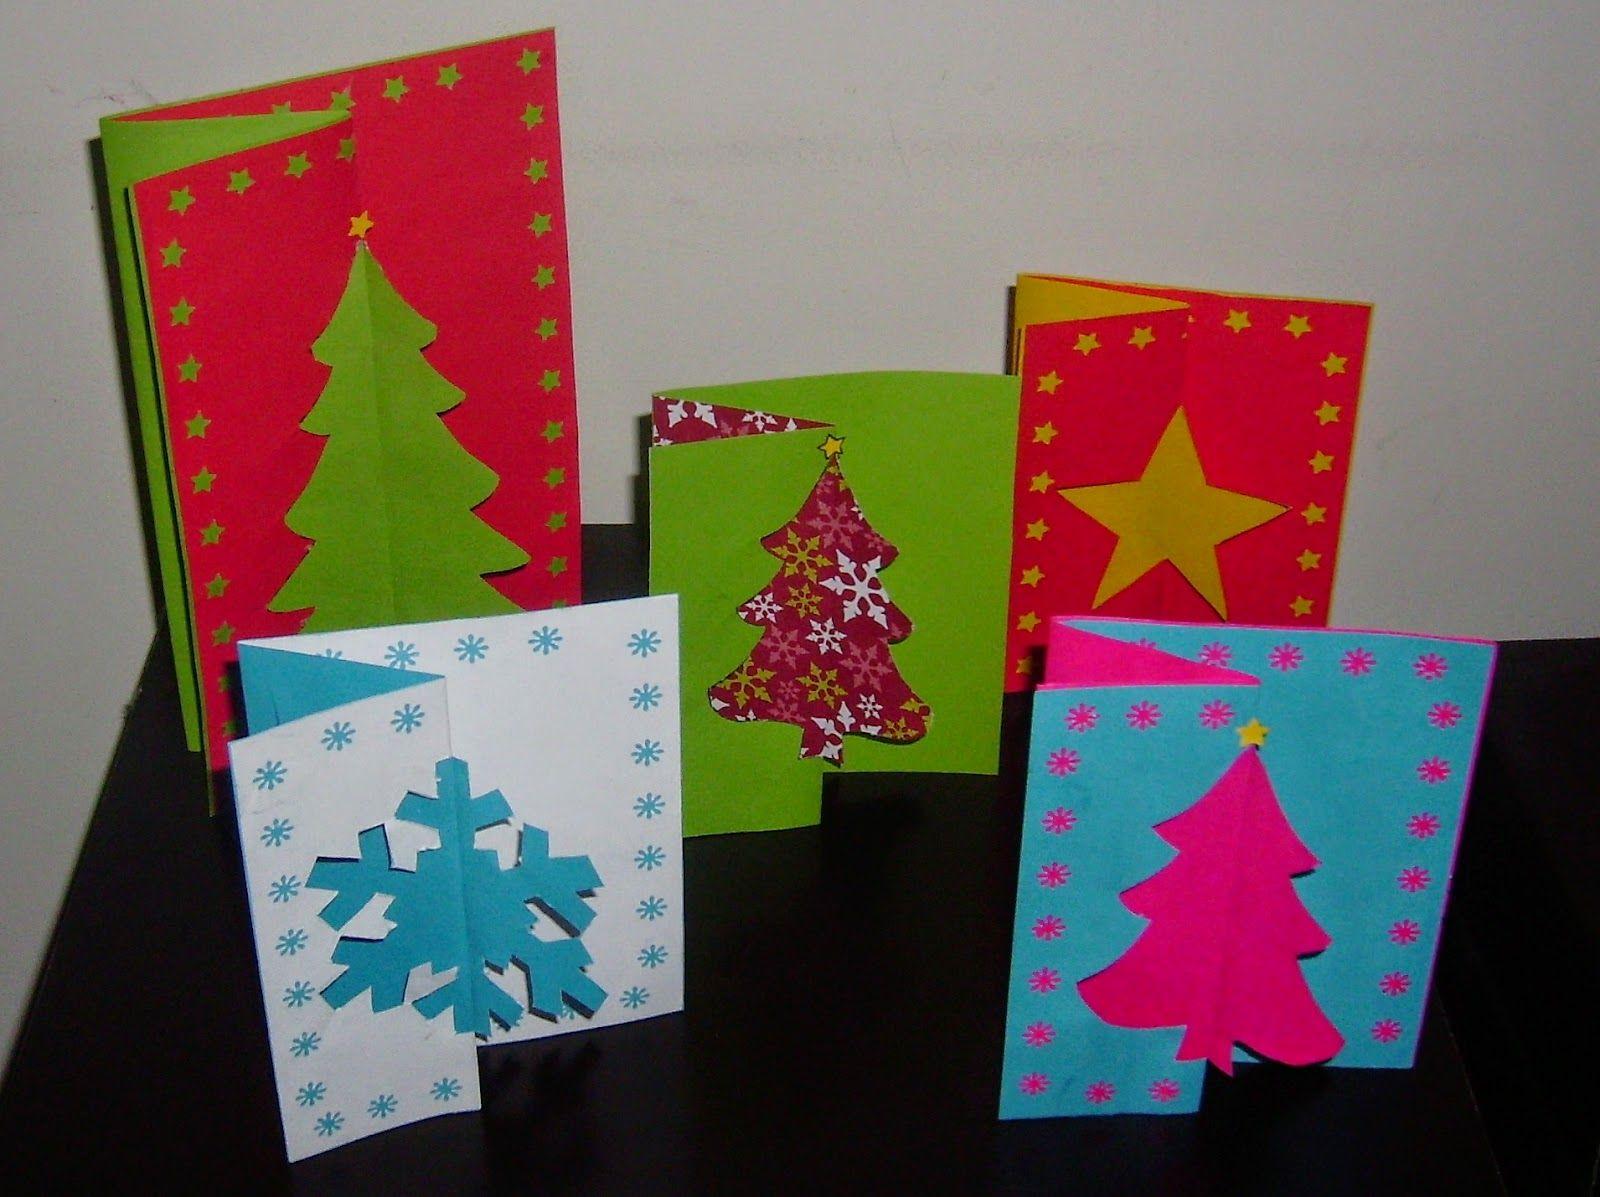 Ve este v deo de como hacer tarjetas navide as con hojas - Manualidades tarjeta navidena ...